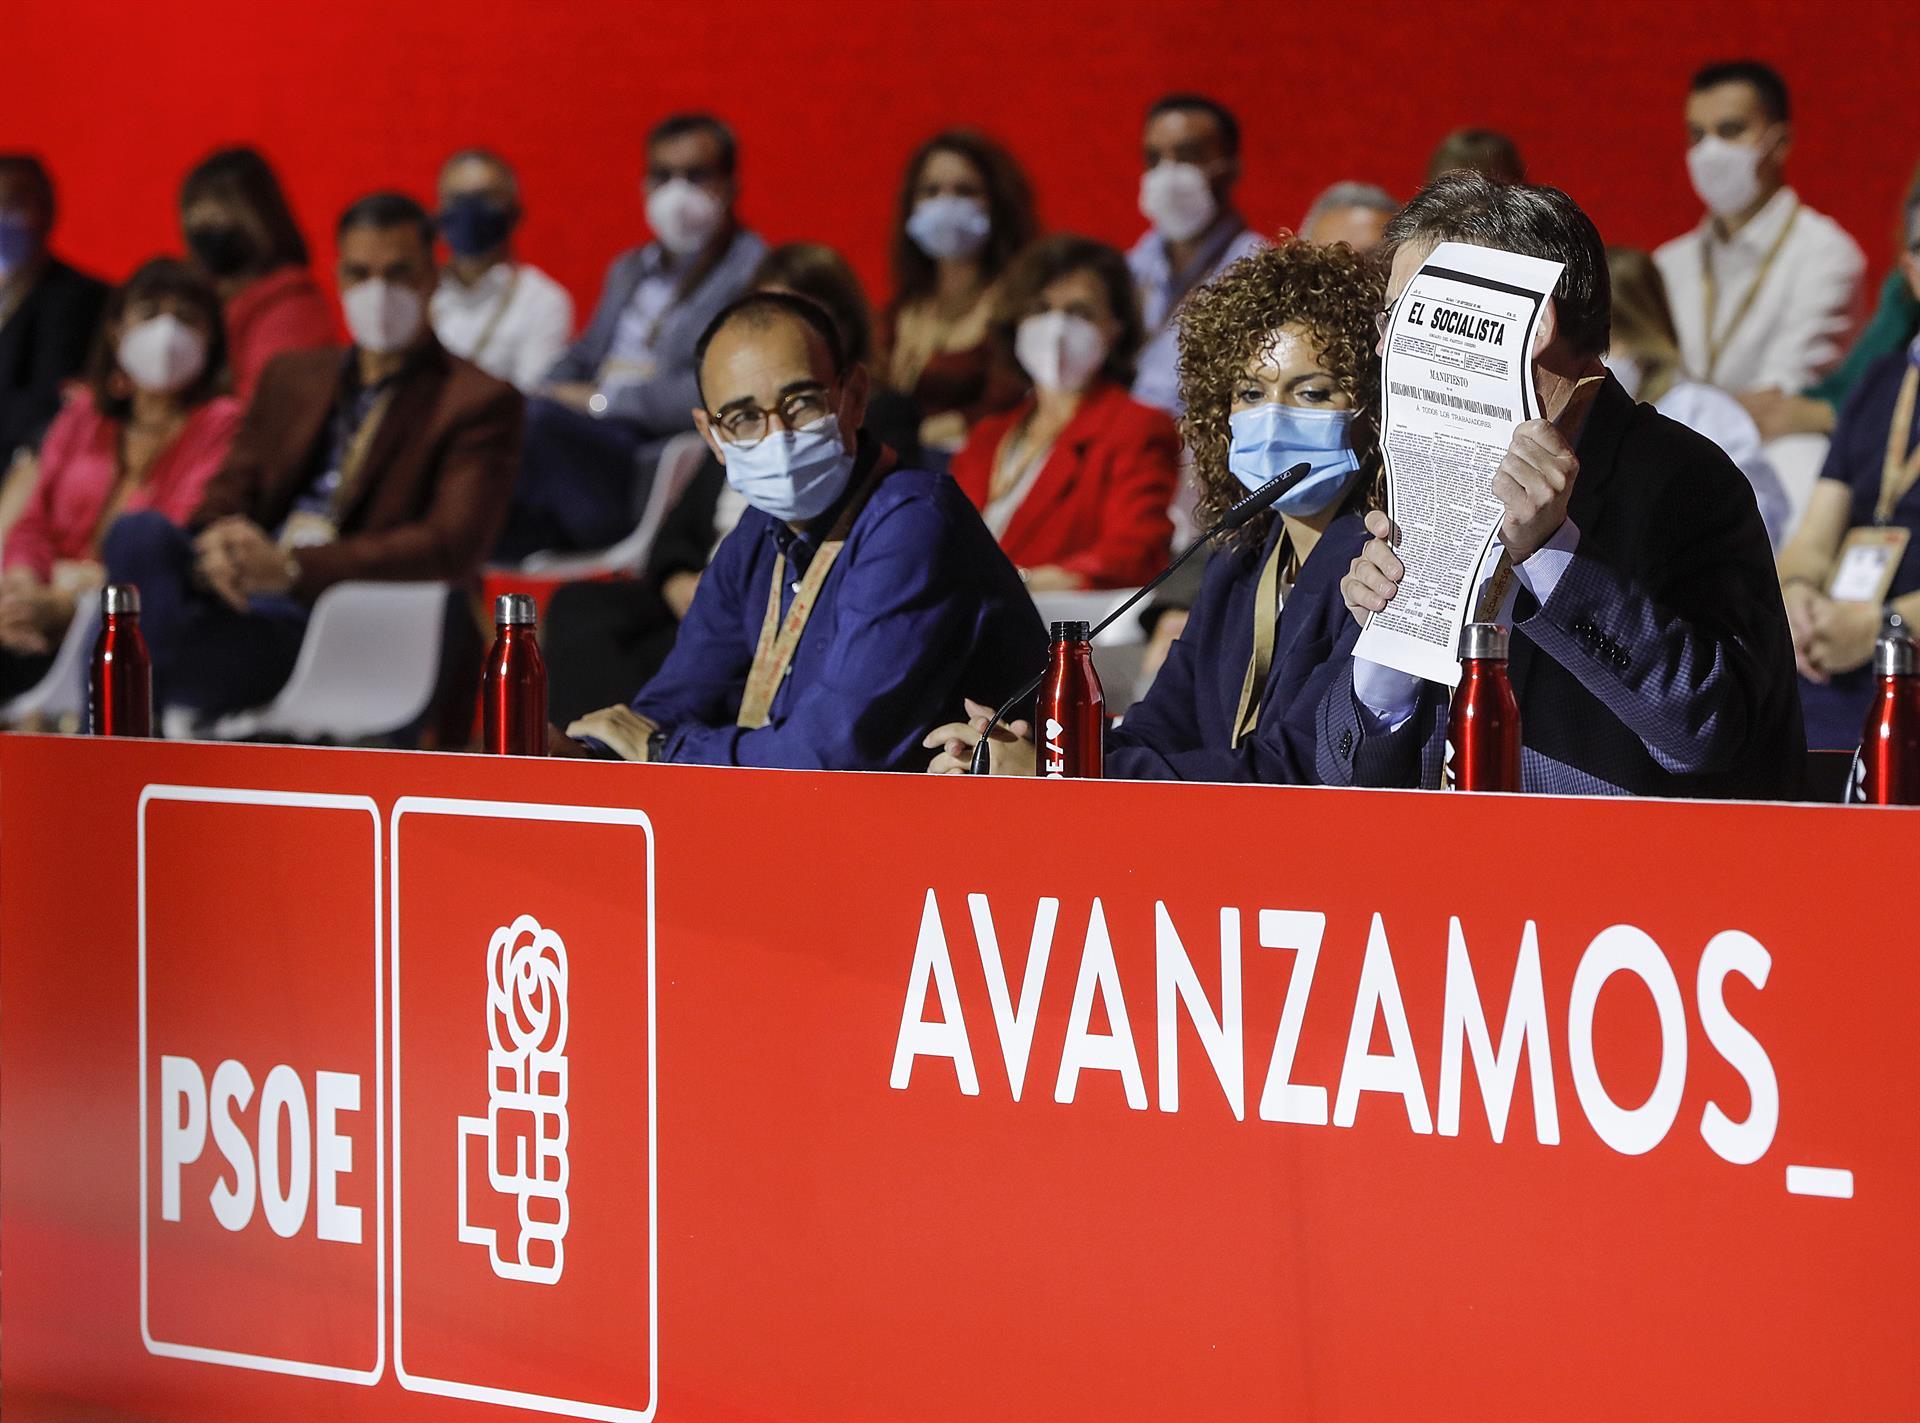 Puig espera que el 40 Congreso sirva para reformar la financiación autonómica «lo más pronto posible»